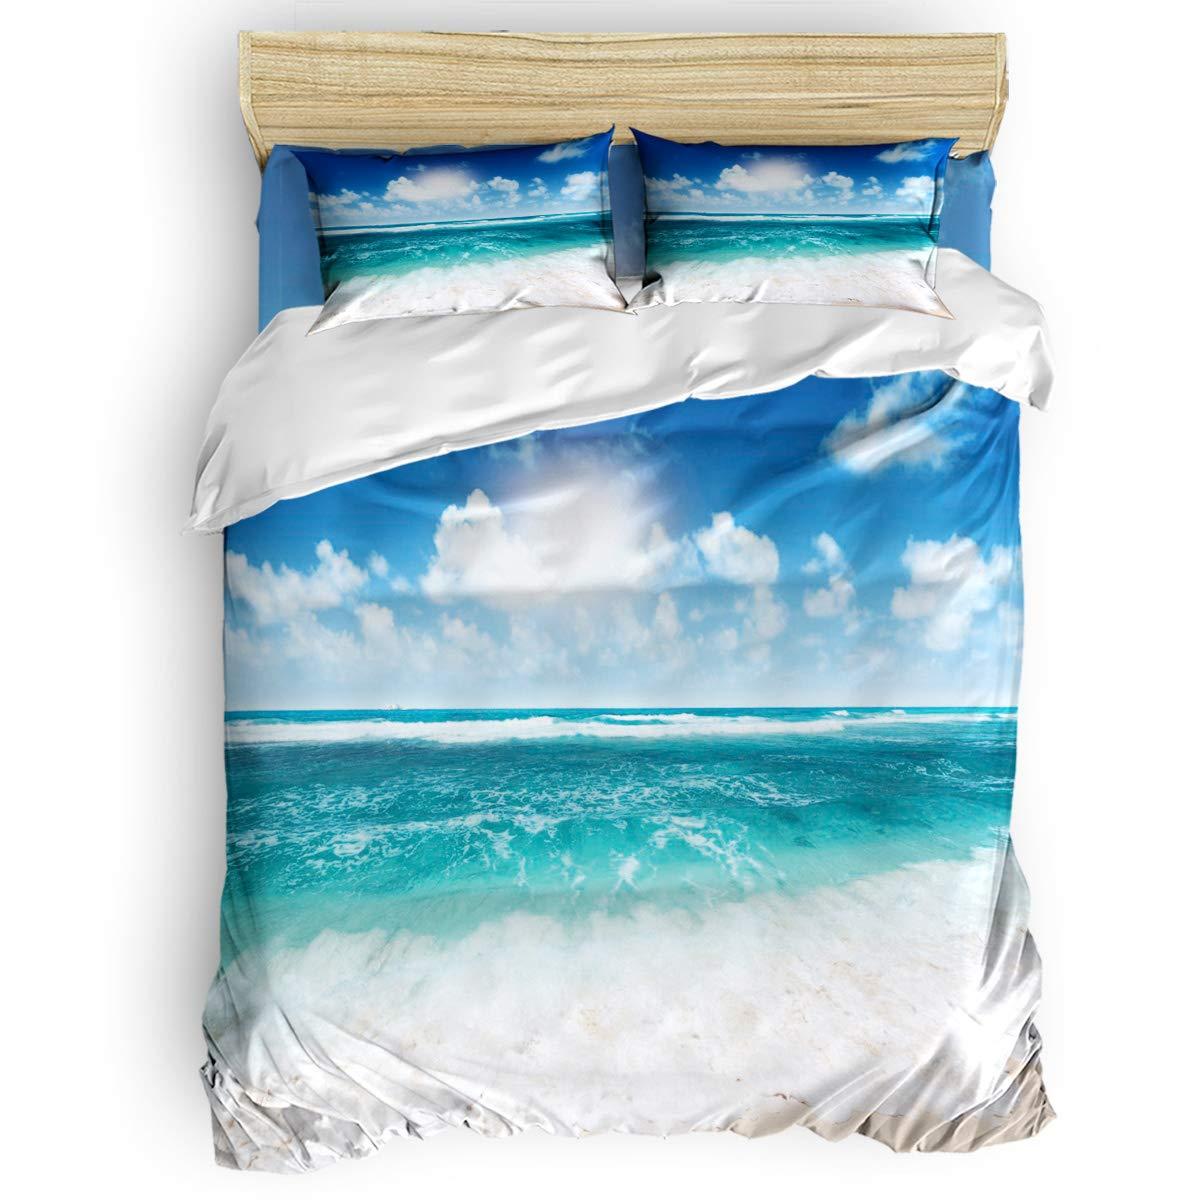 掛け布団カバー 4点セット ウィンドウビュー 熱帯の風景 ビーチとヤシの木 寝具カバーセット ベッド用 べッドシーツ 枕カバー 洋式 和式兼用 布団カバー 肌に優しい 羽毛布団セット 100%ポリエステル クイーン B07TF8Z91P Beach5LAS5674 クイーン